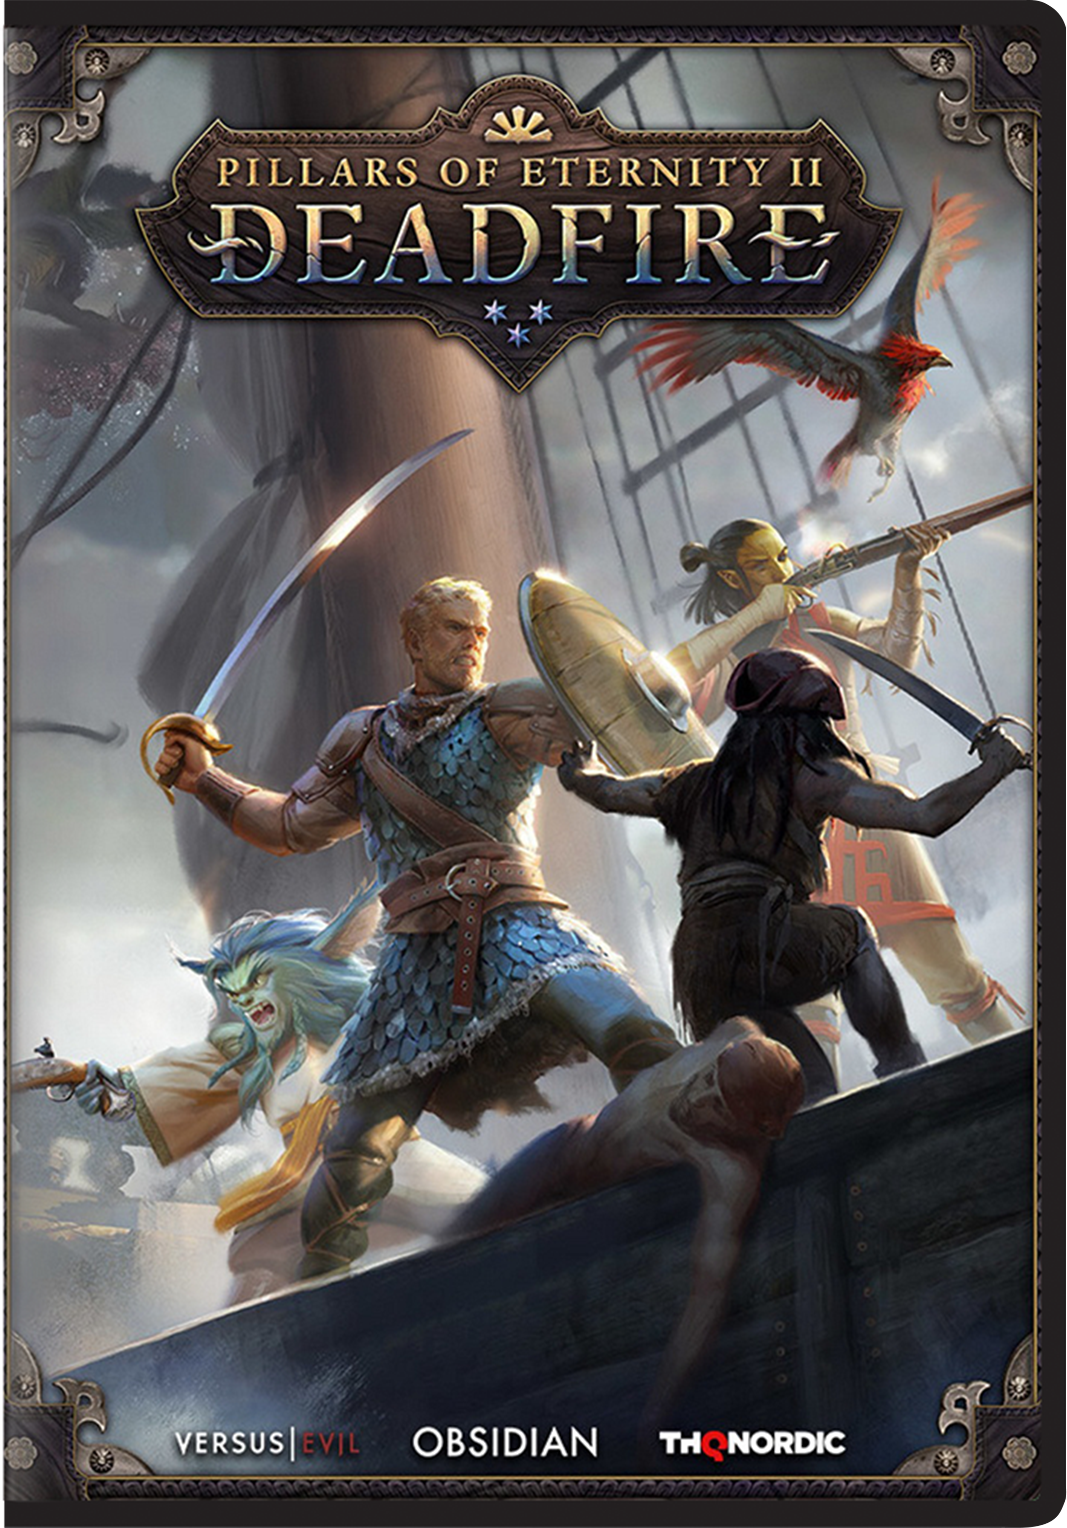 Pillars Of Eternity II: Deadfire PC Game